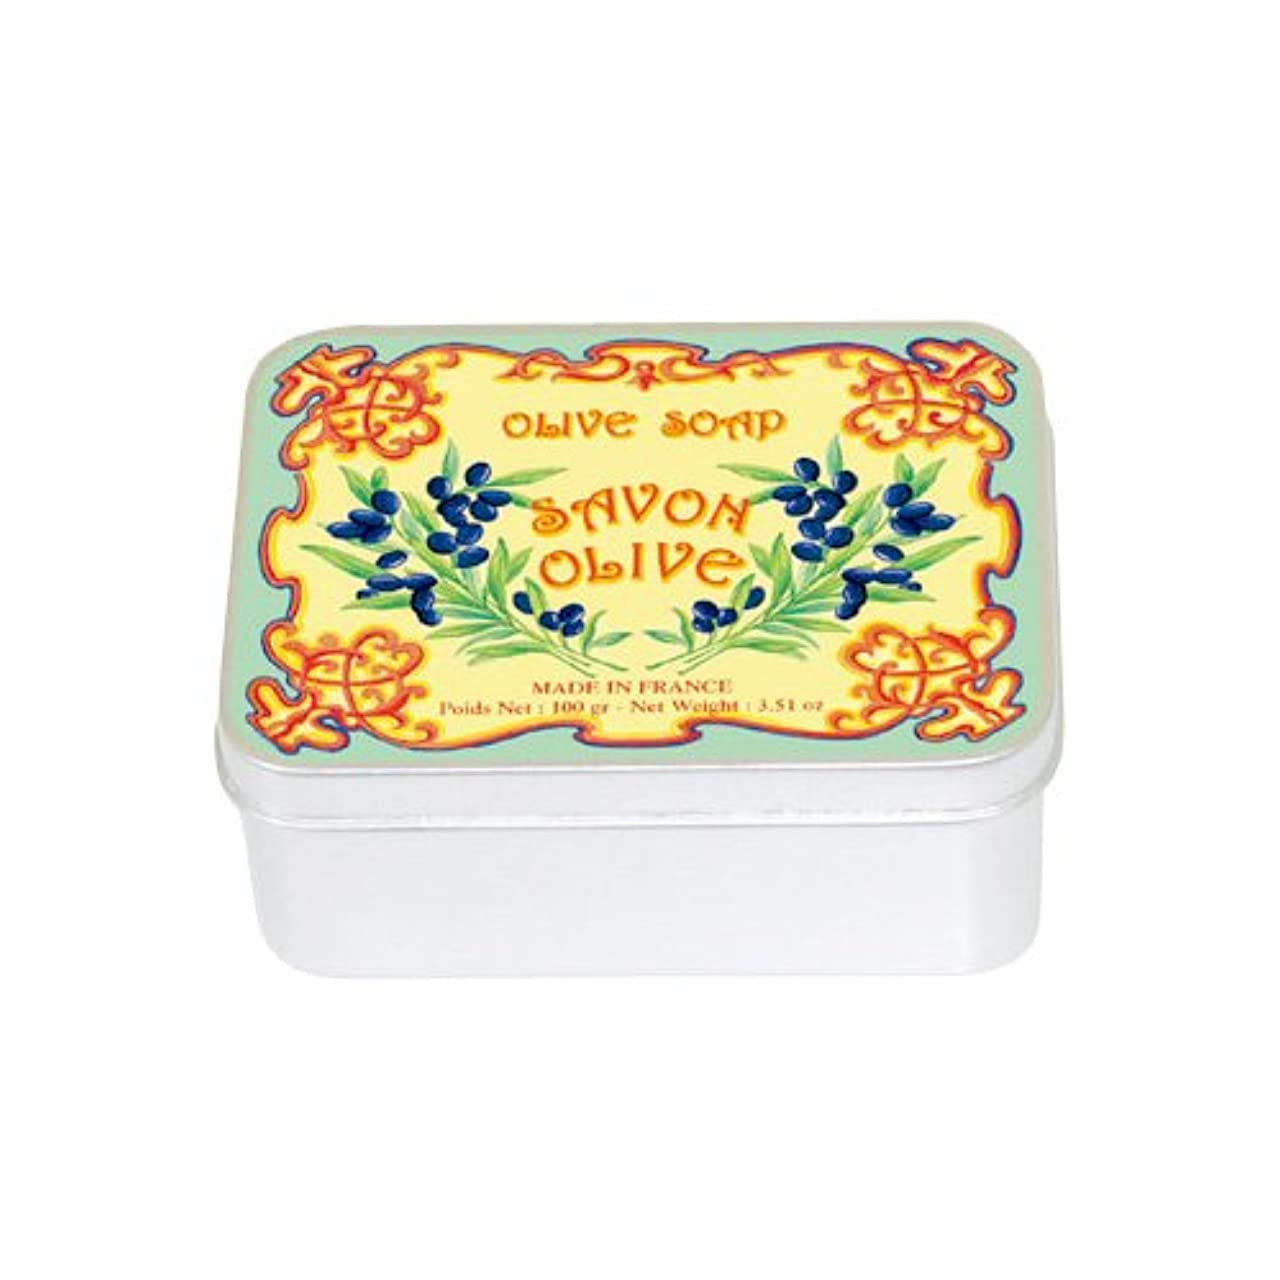 放棄された委任凍るルブランソープ メタルボックス(オリーブの香り)石鹸